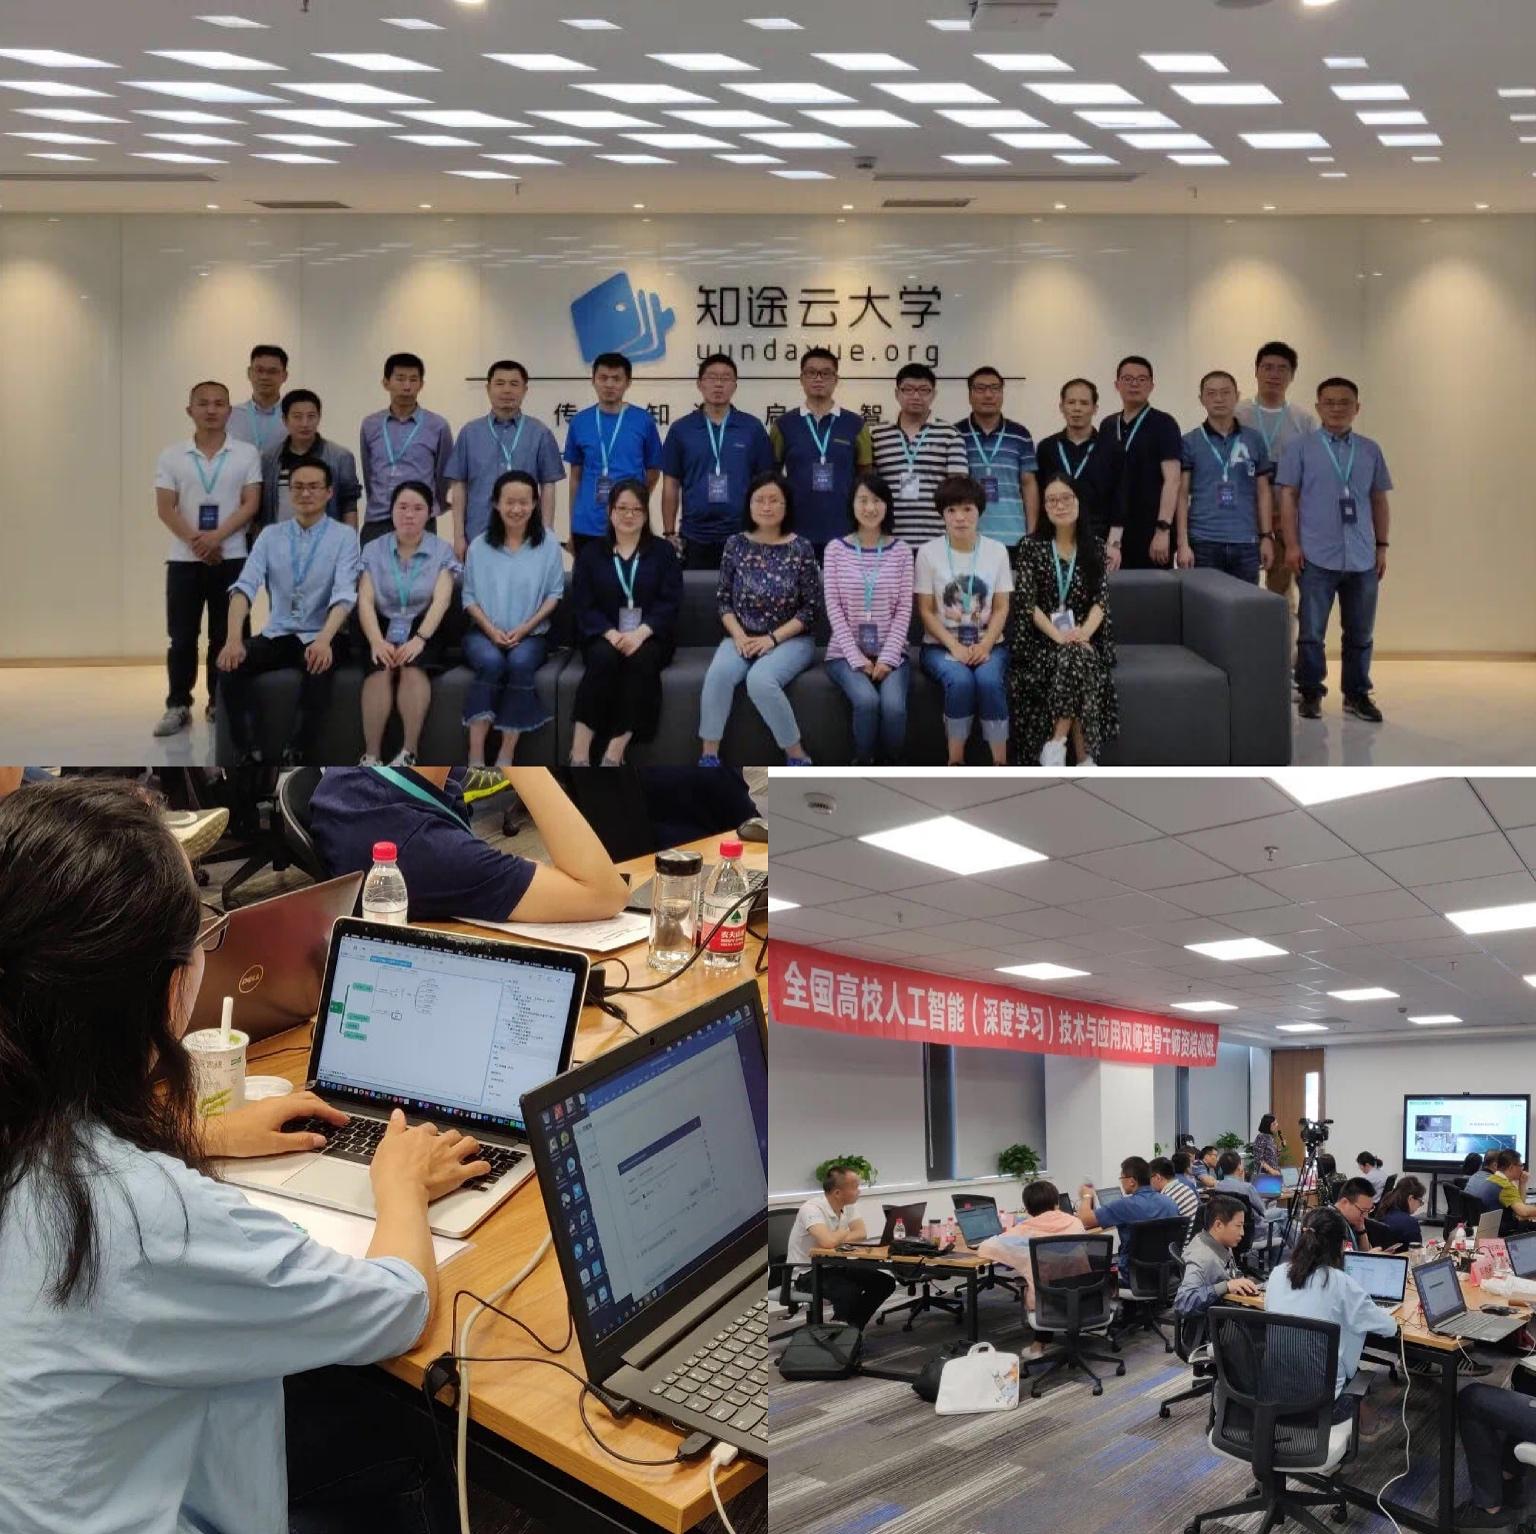 金智教育成功入围江苏省第一批产教融合型企业